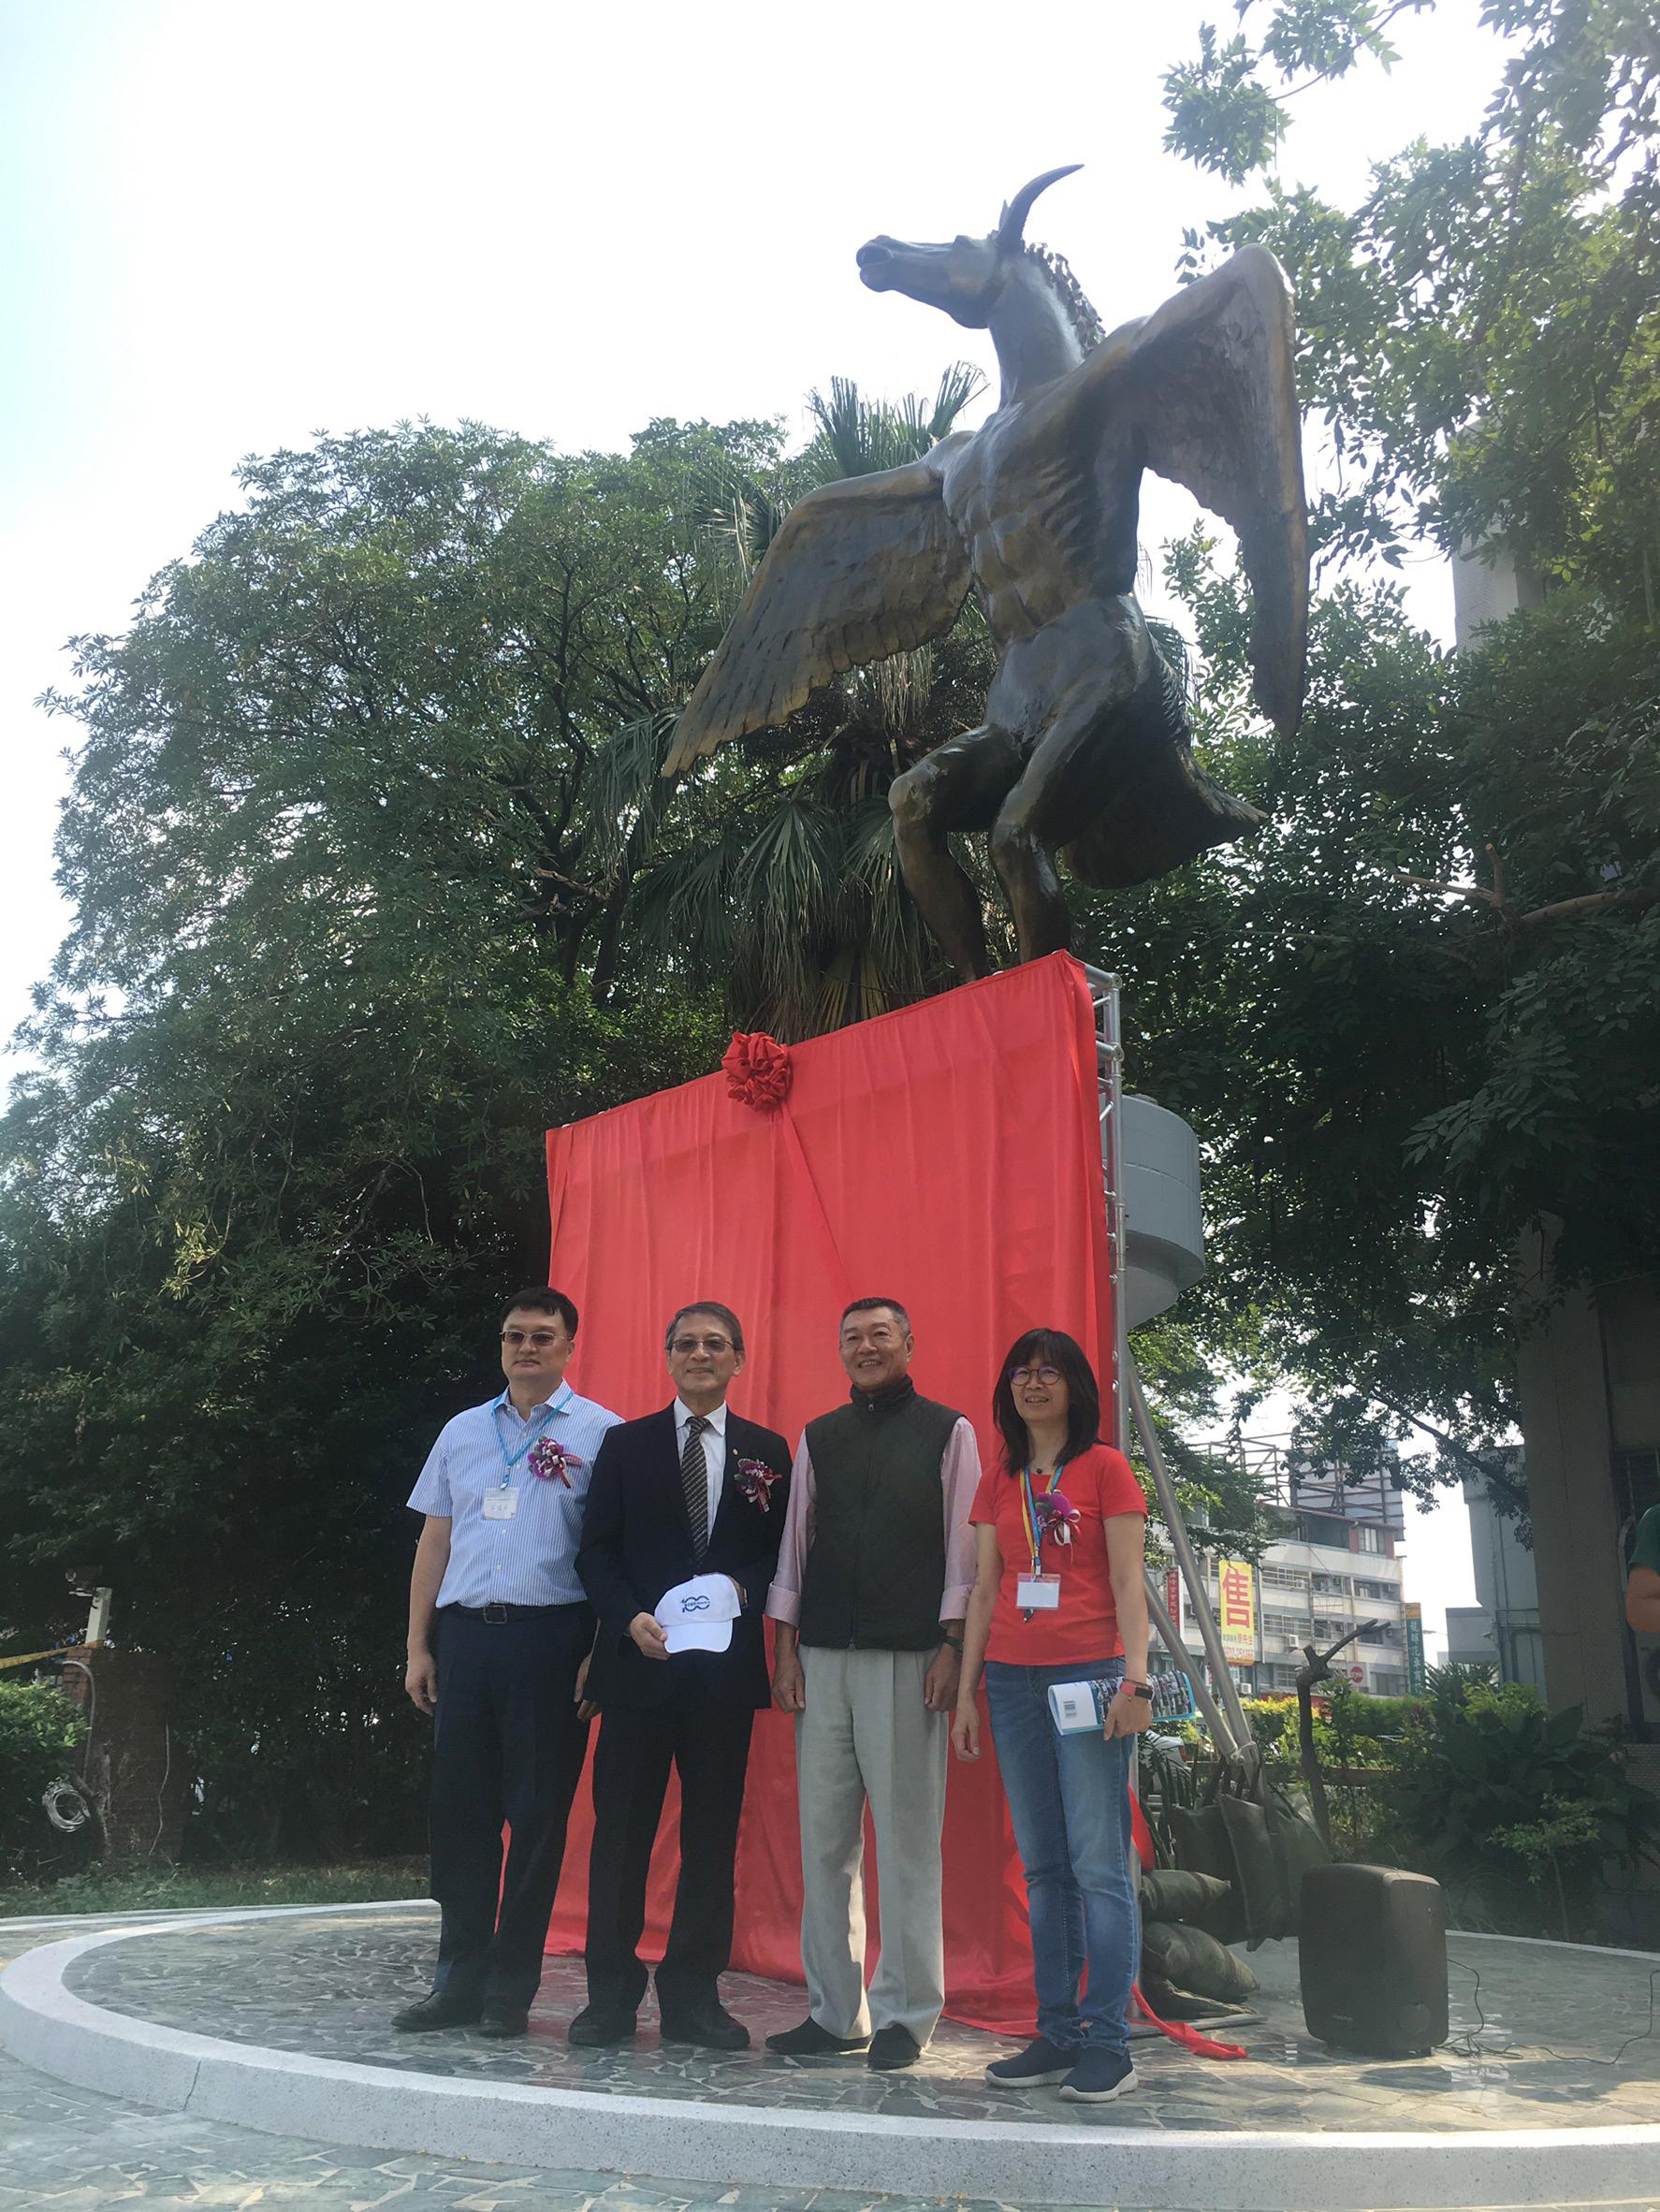 畜牧新象揭幕,左至右莊瑤芳理事長、李德財前校長、吳昆民董事長、唐品琦主任